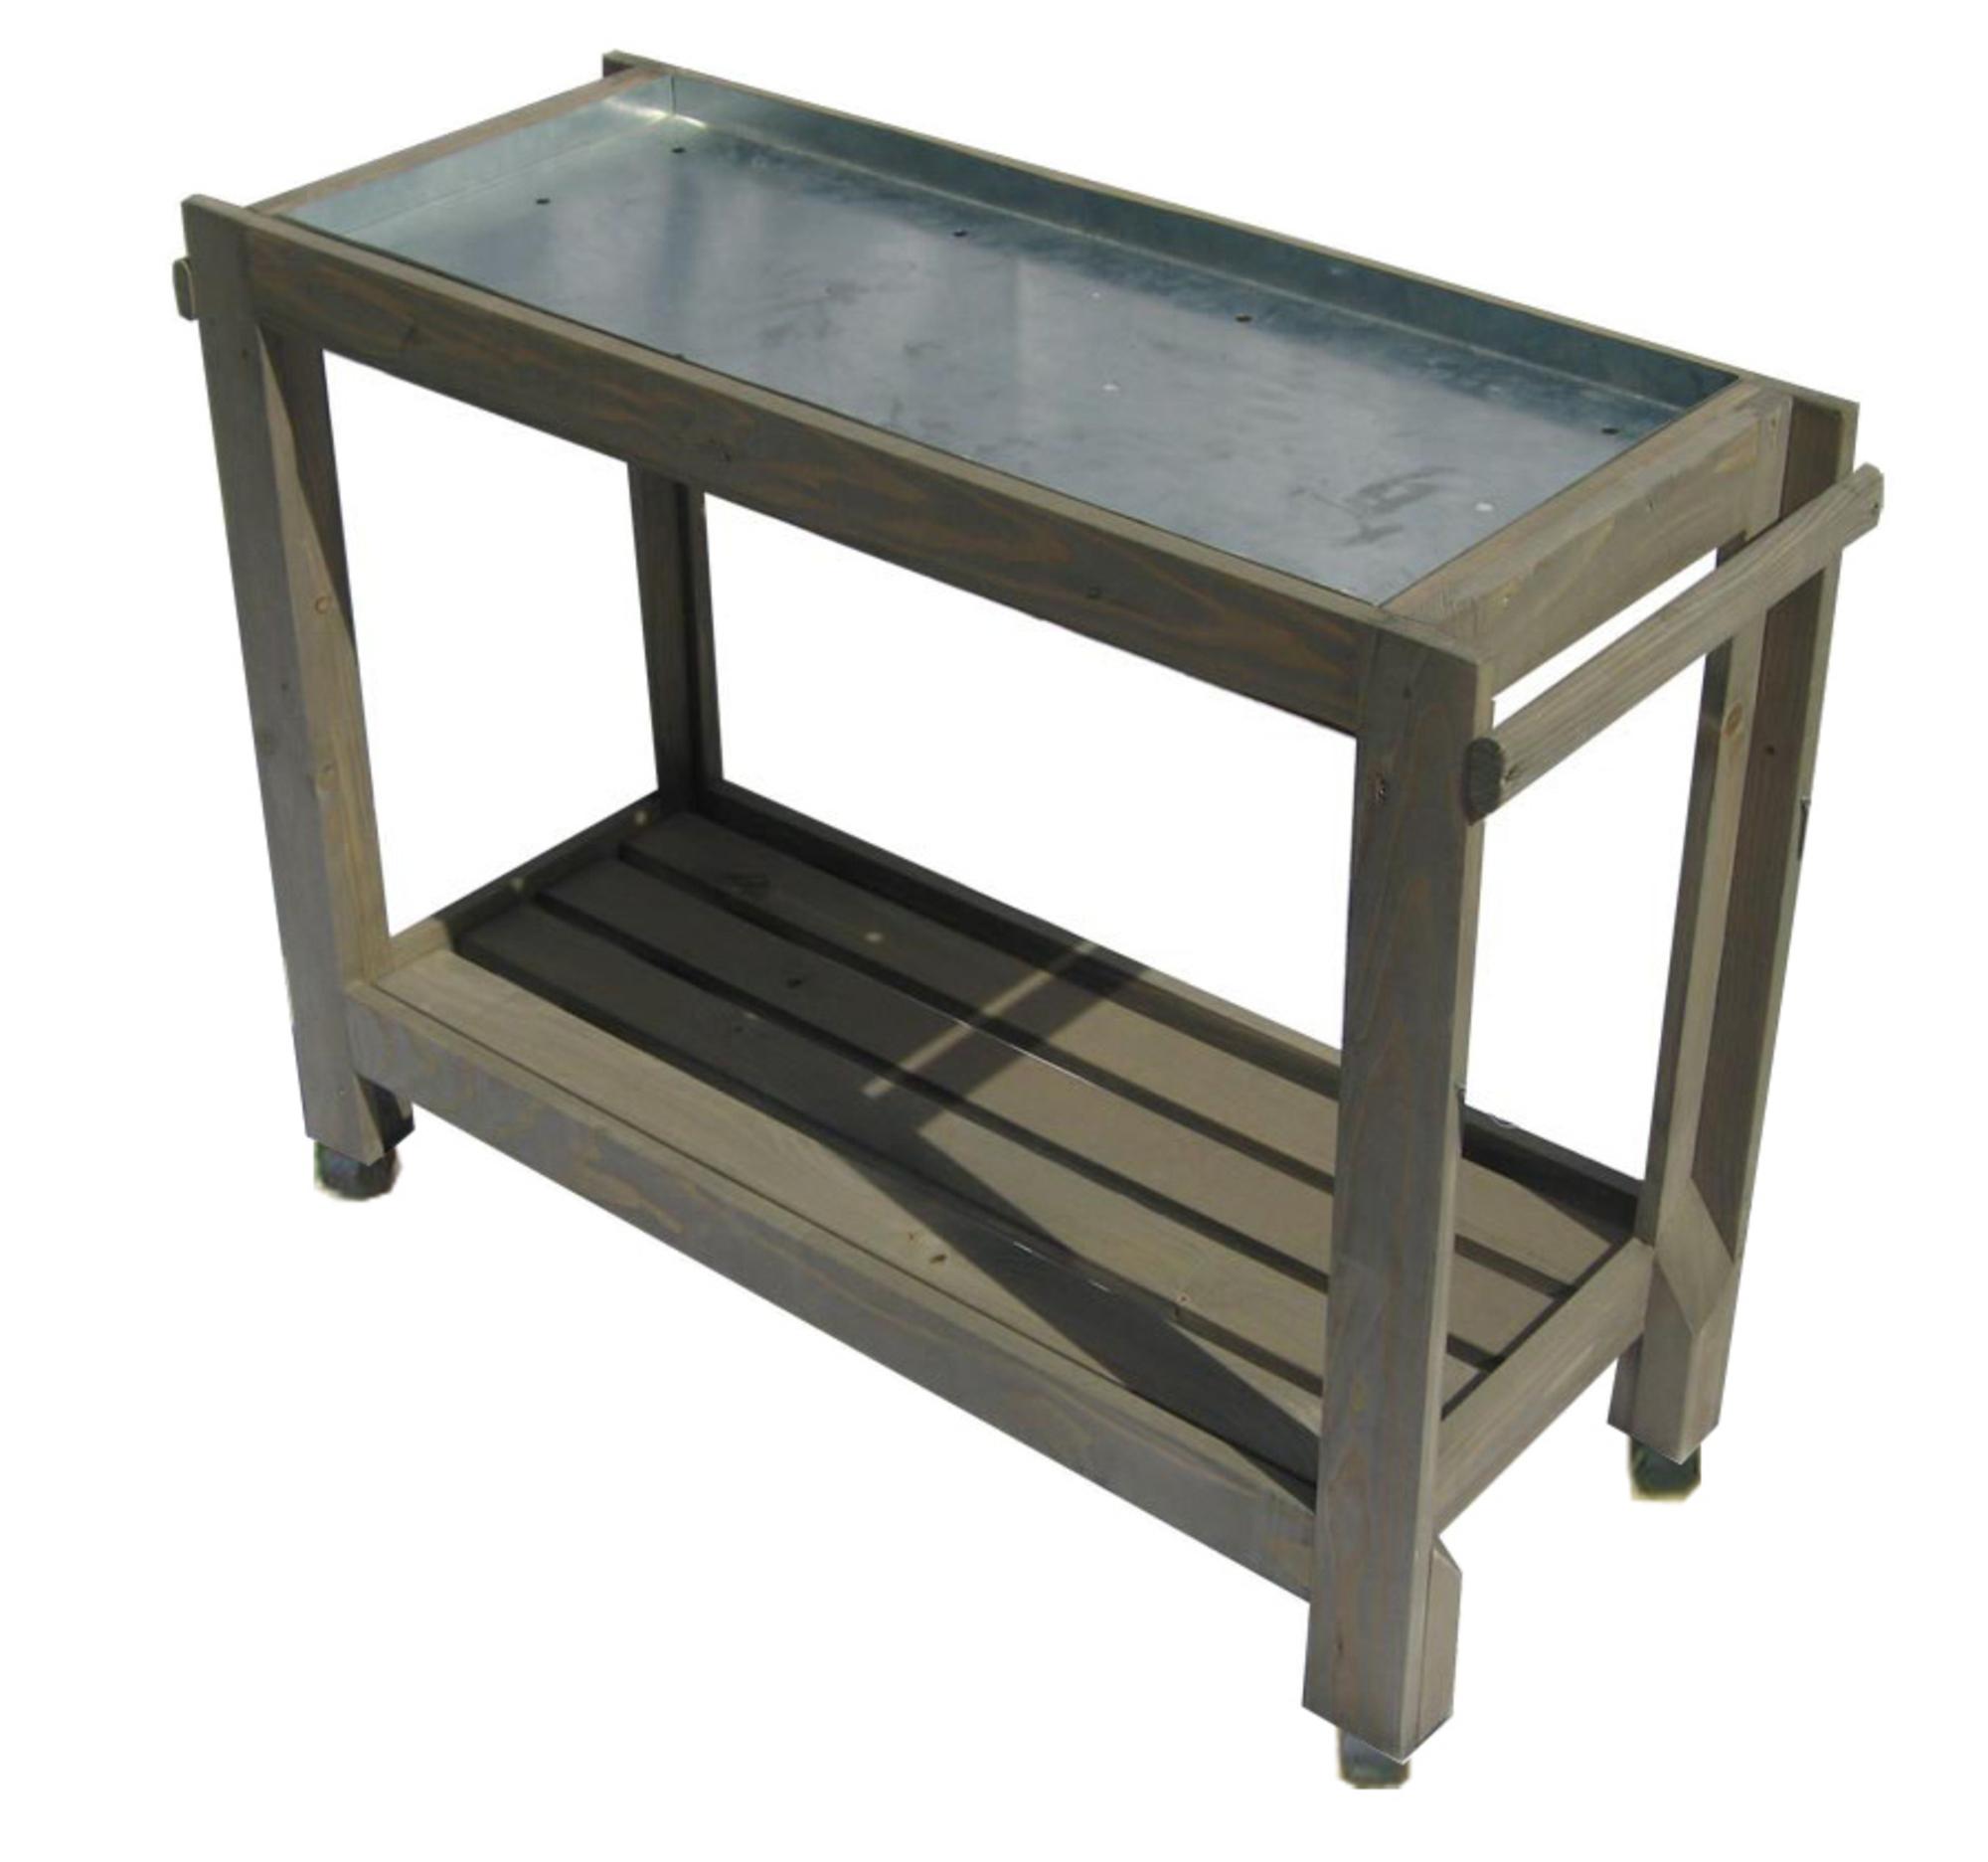 table de rempotage frais de traitement de commande offerts acheter ce produit au meilleur prix. Black Bedroom Furniture Sets. Home Design Ideas